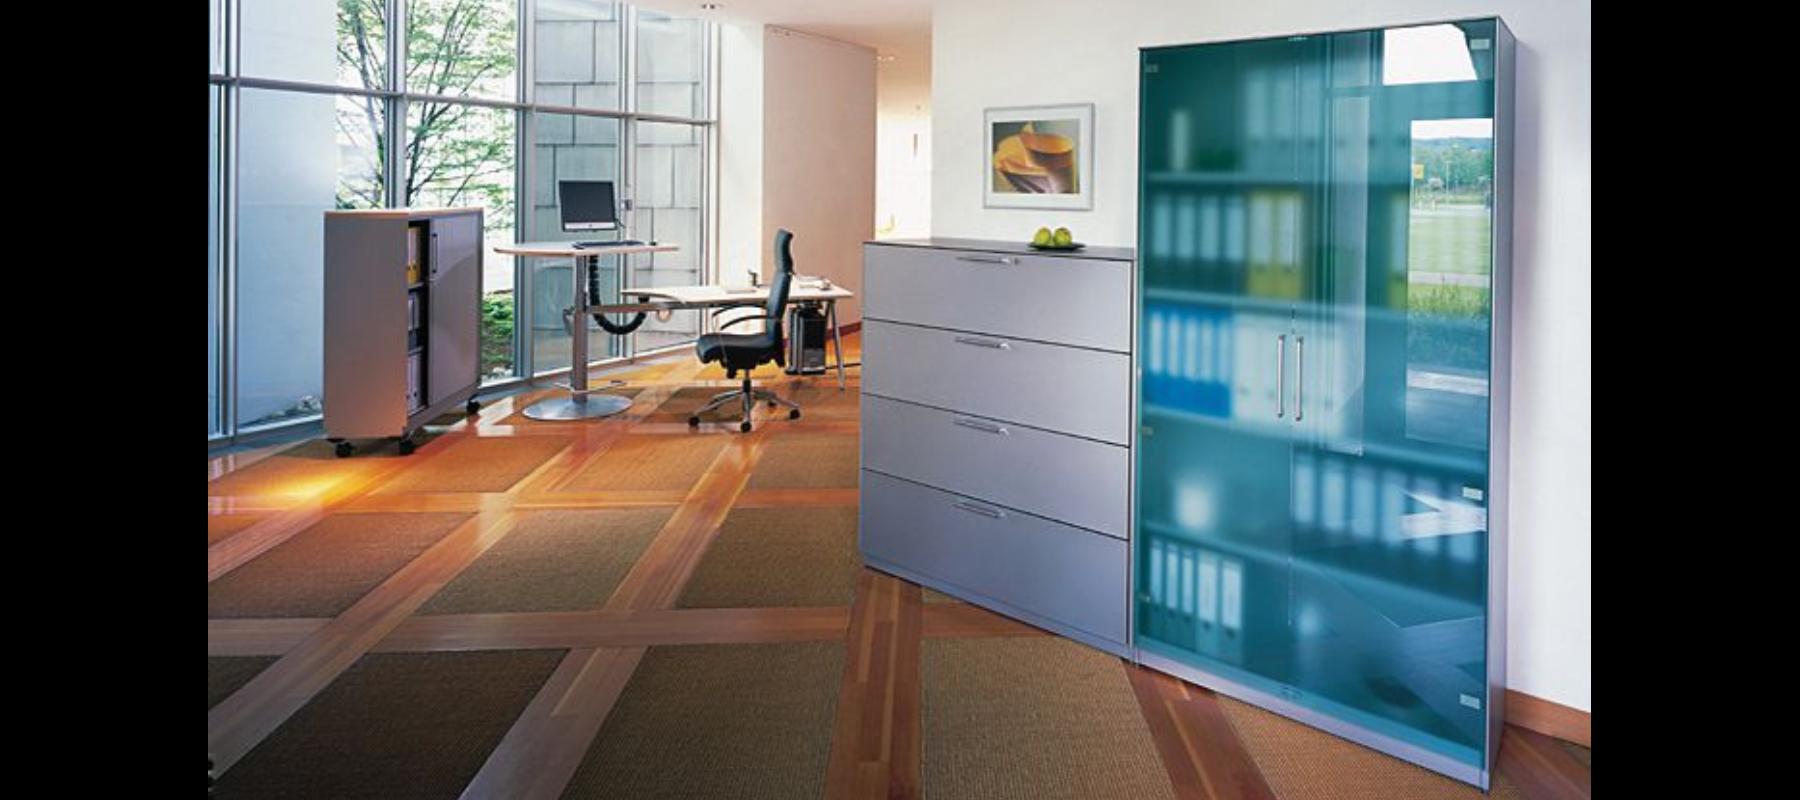 metalowe meble biurowe szafy szufladowe cp aranżacja - 04